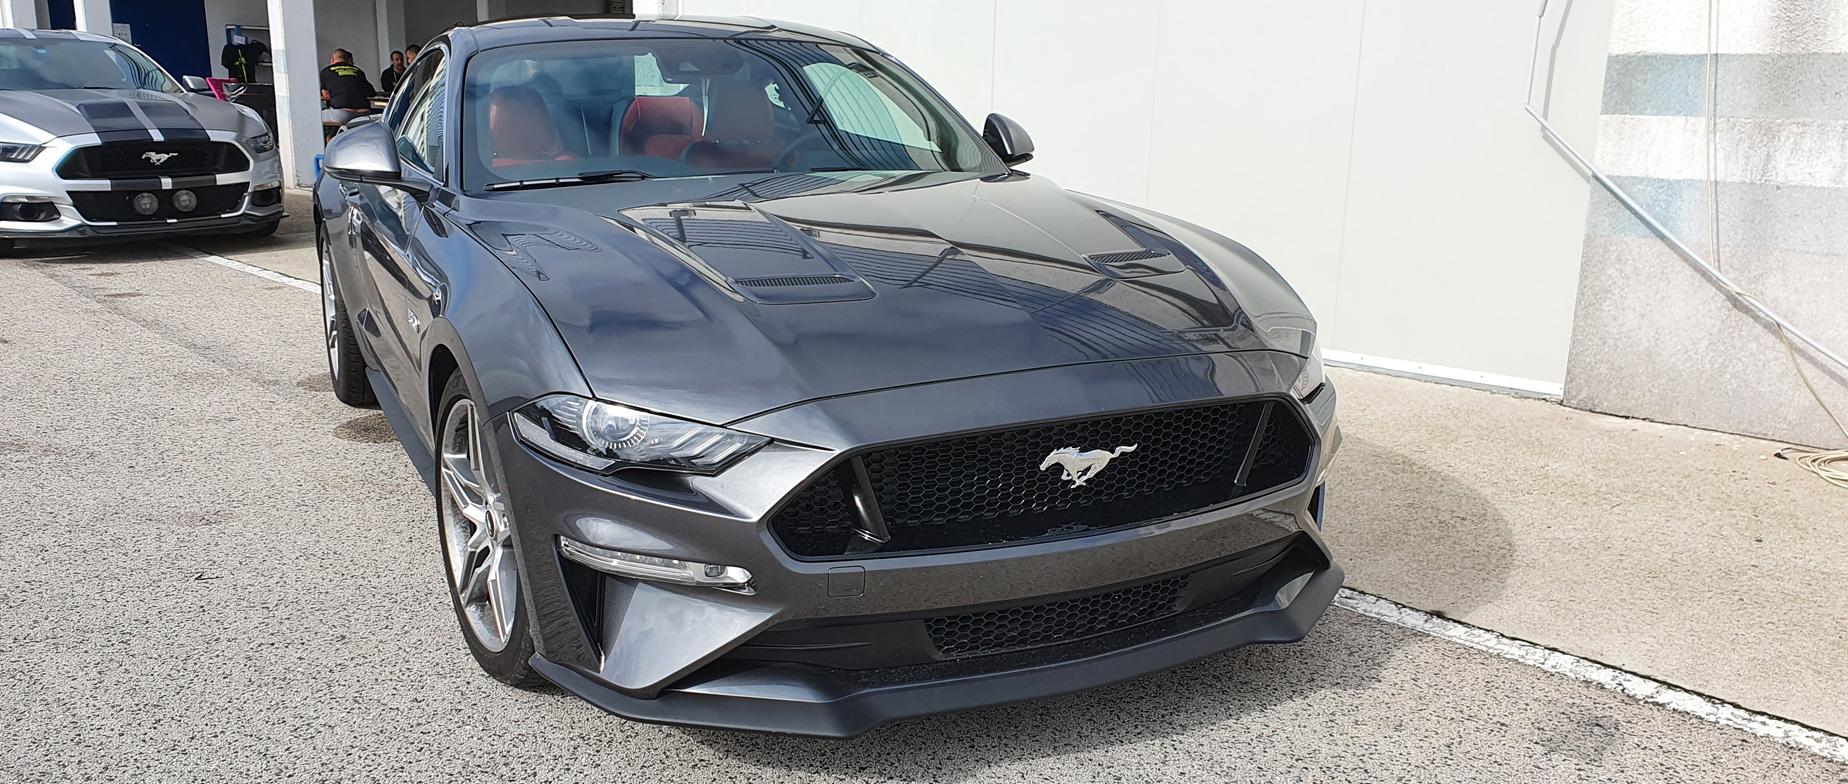 Ford Mustang GT 2021 élményvezetés a Kakucsringen